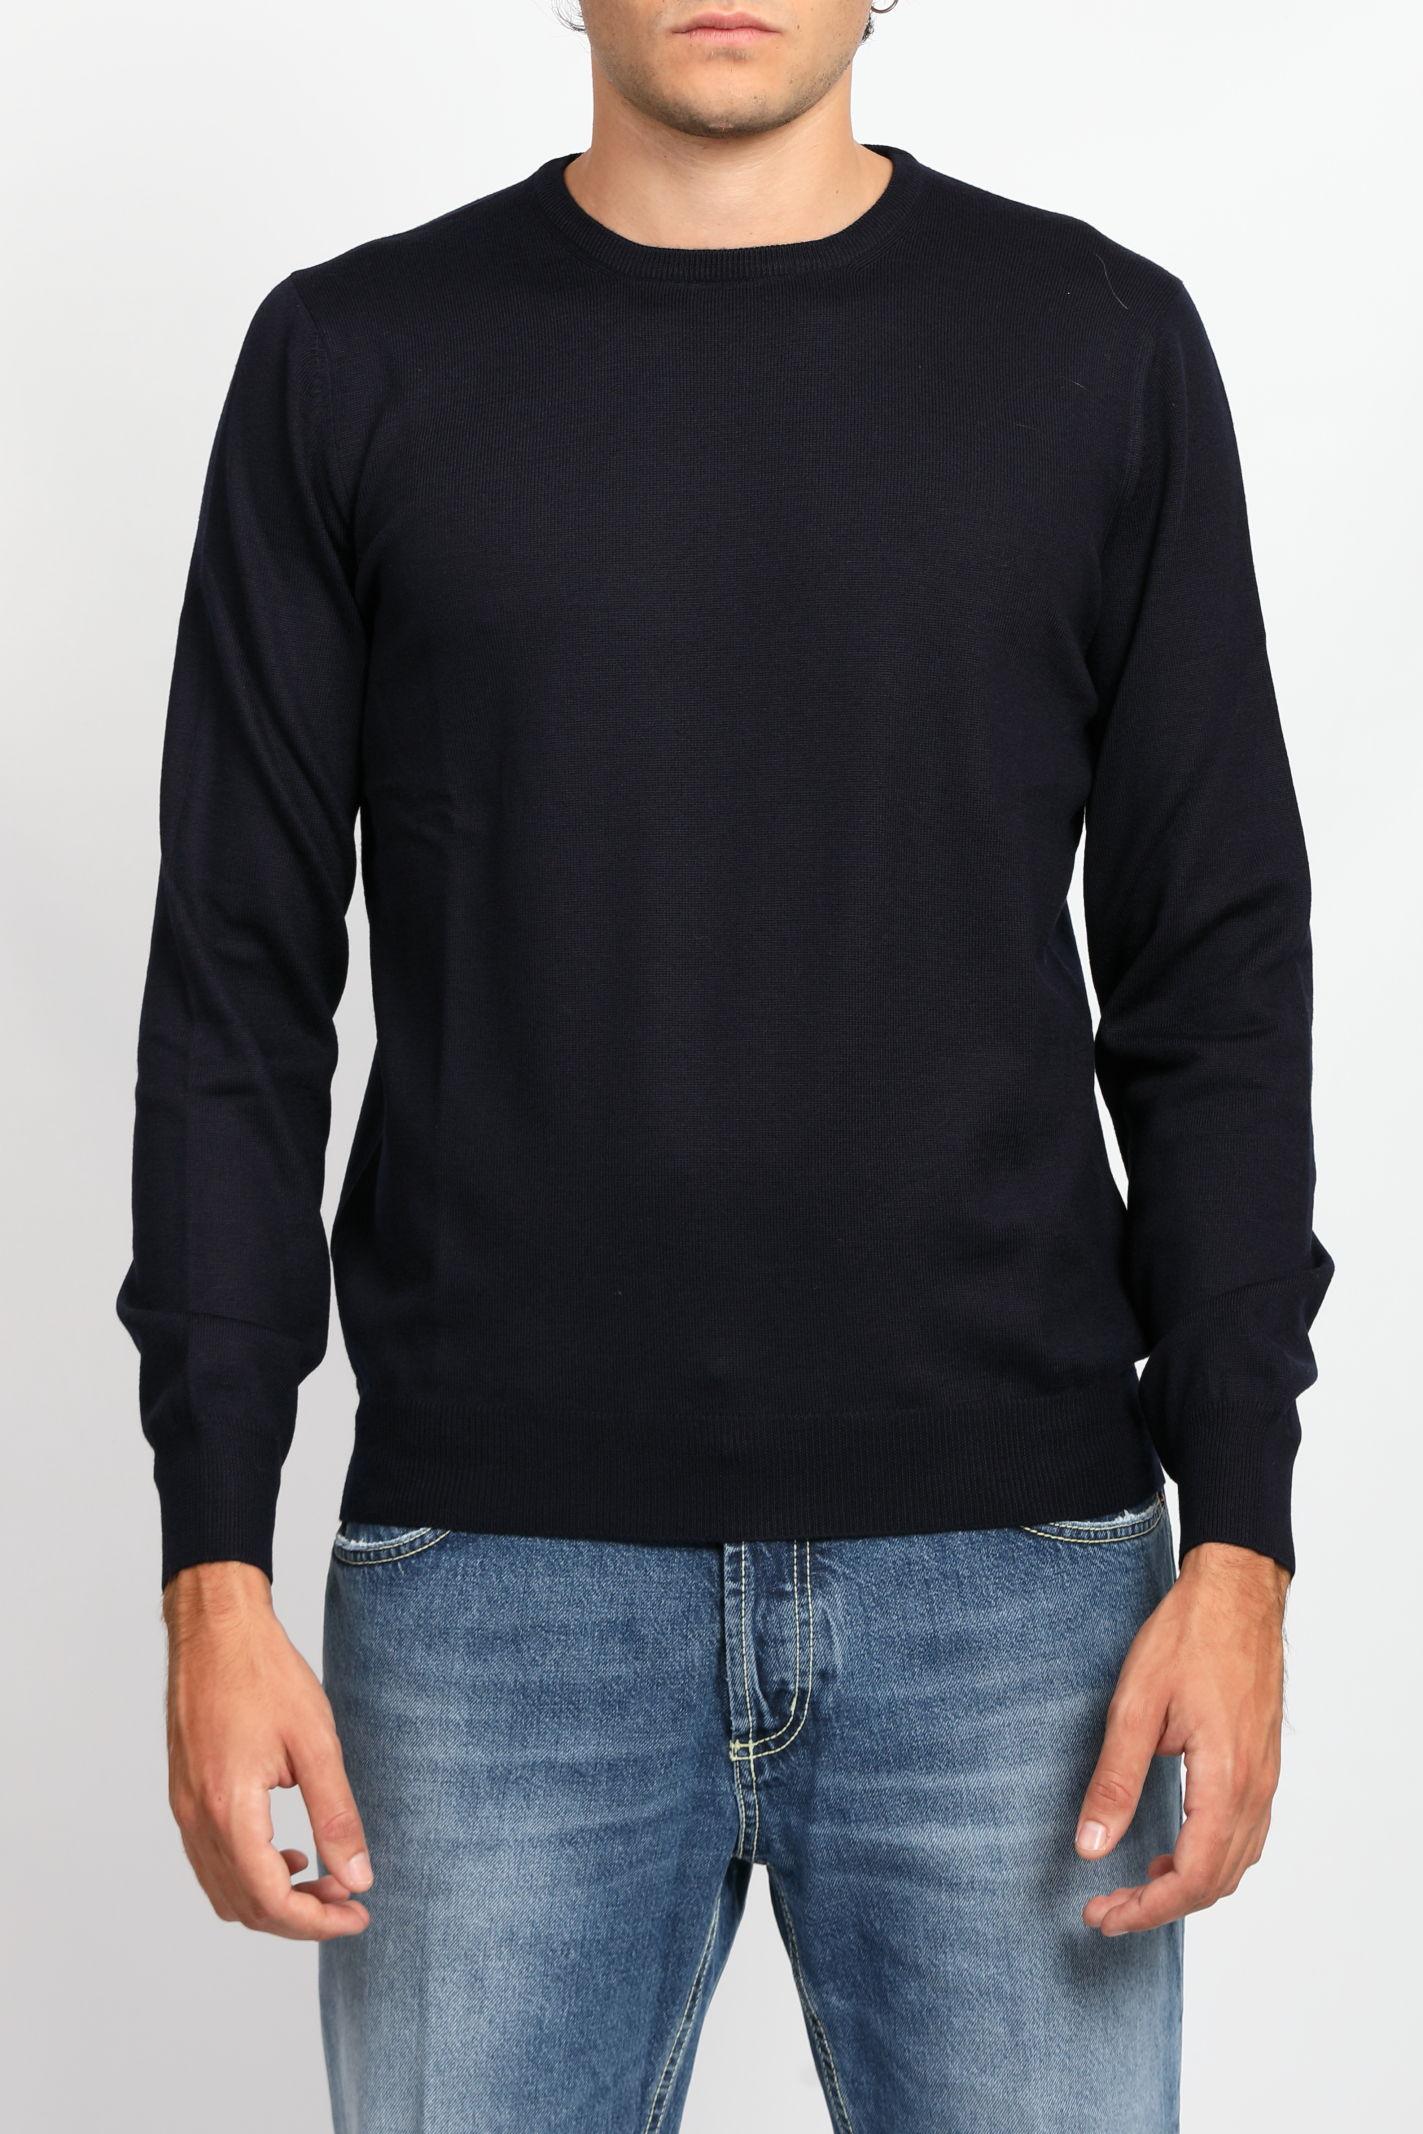 PURE VIRGIN WOOL SWEATER TAGLIATORE | Knitwear | MGLLA567-GSI21598